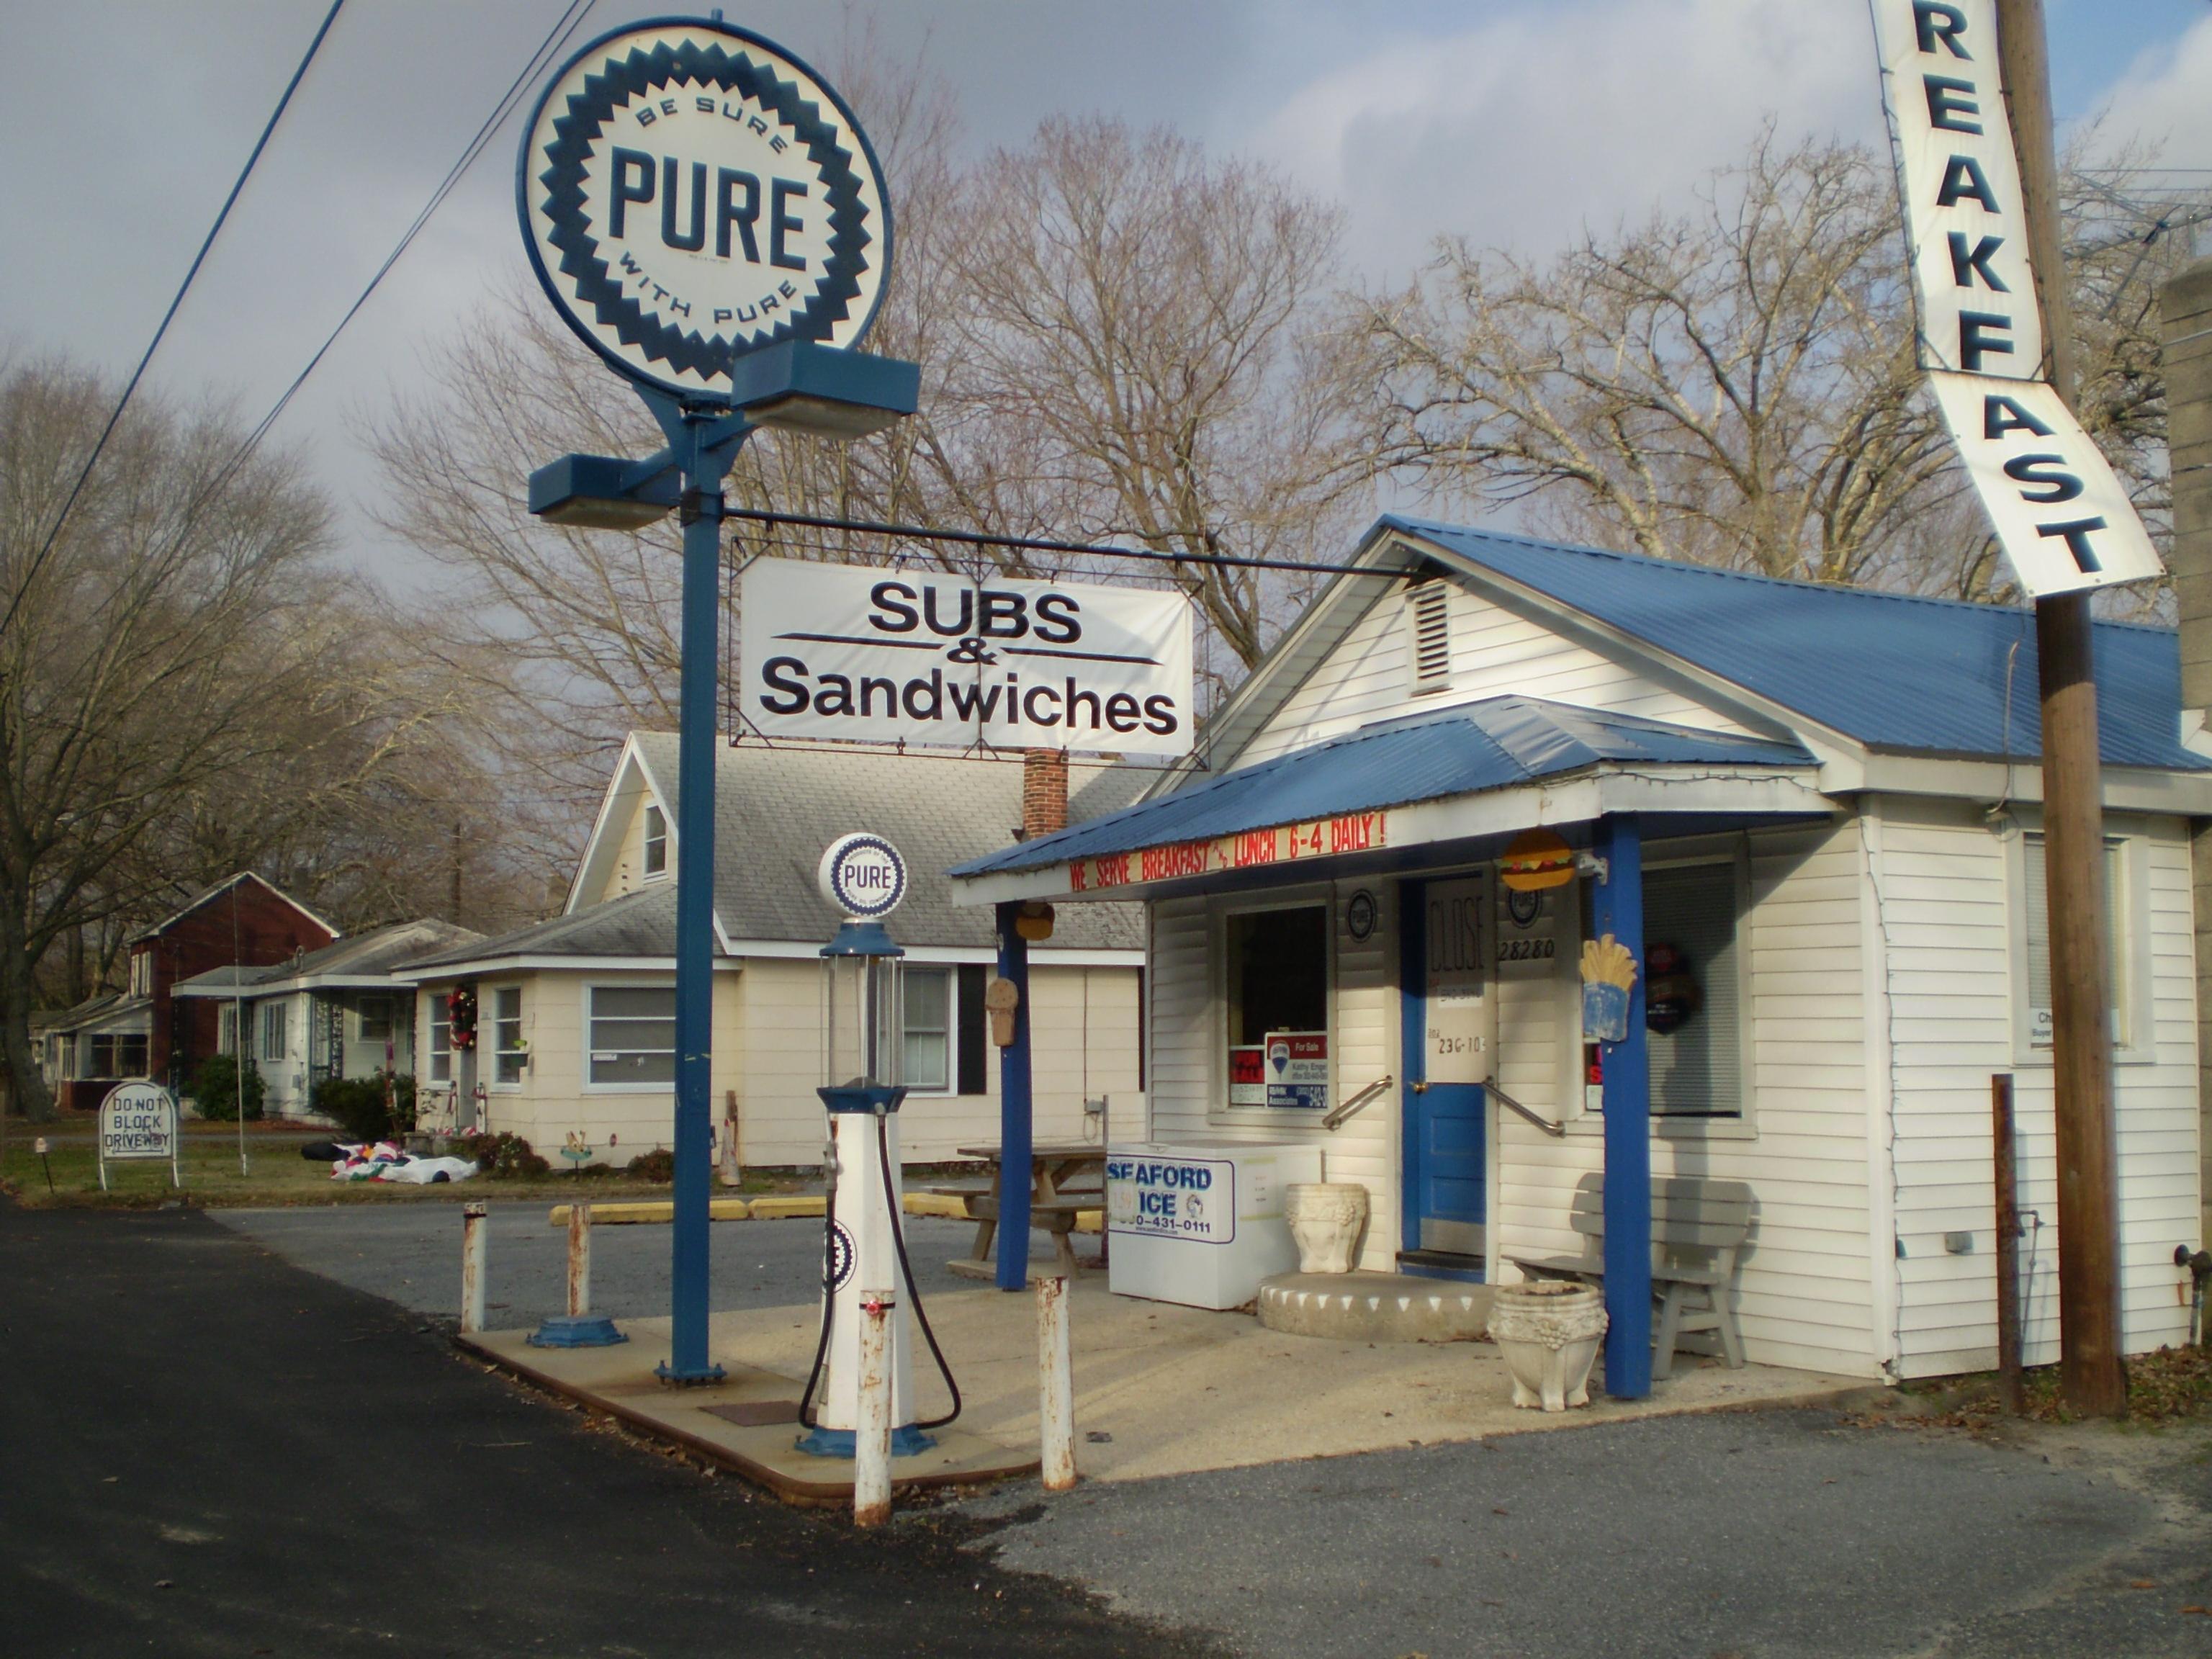 Pure Oil Company Gas Station - Millsboro, Delaware Image